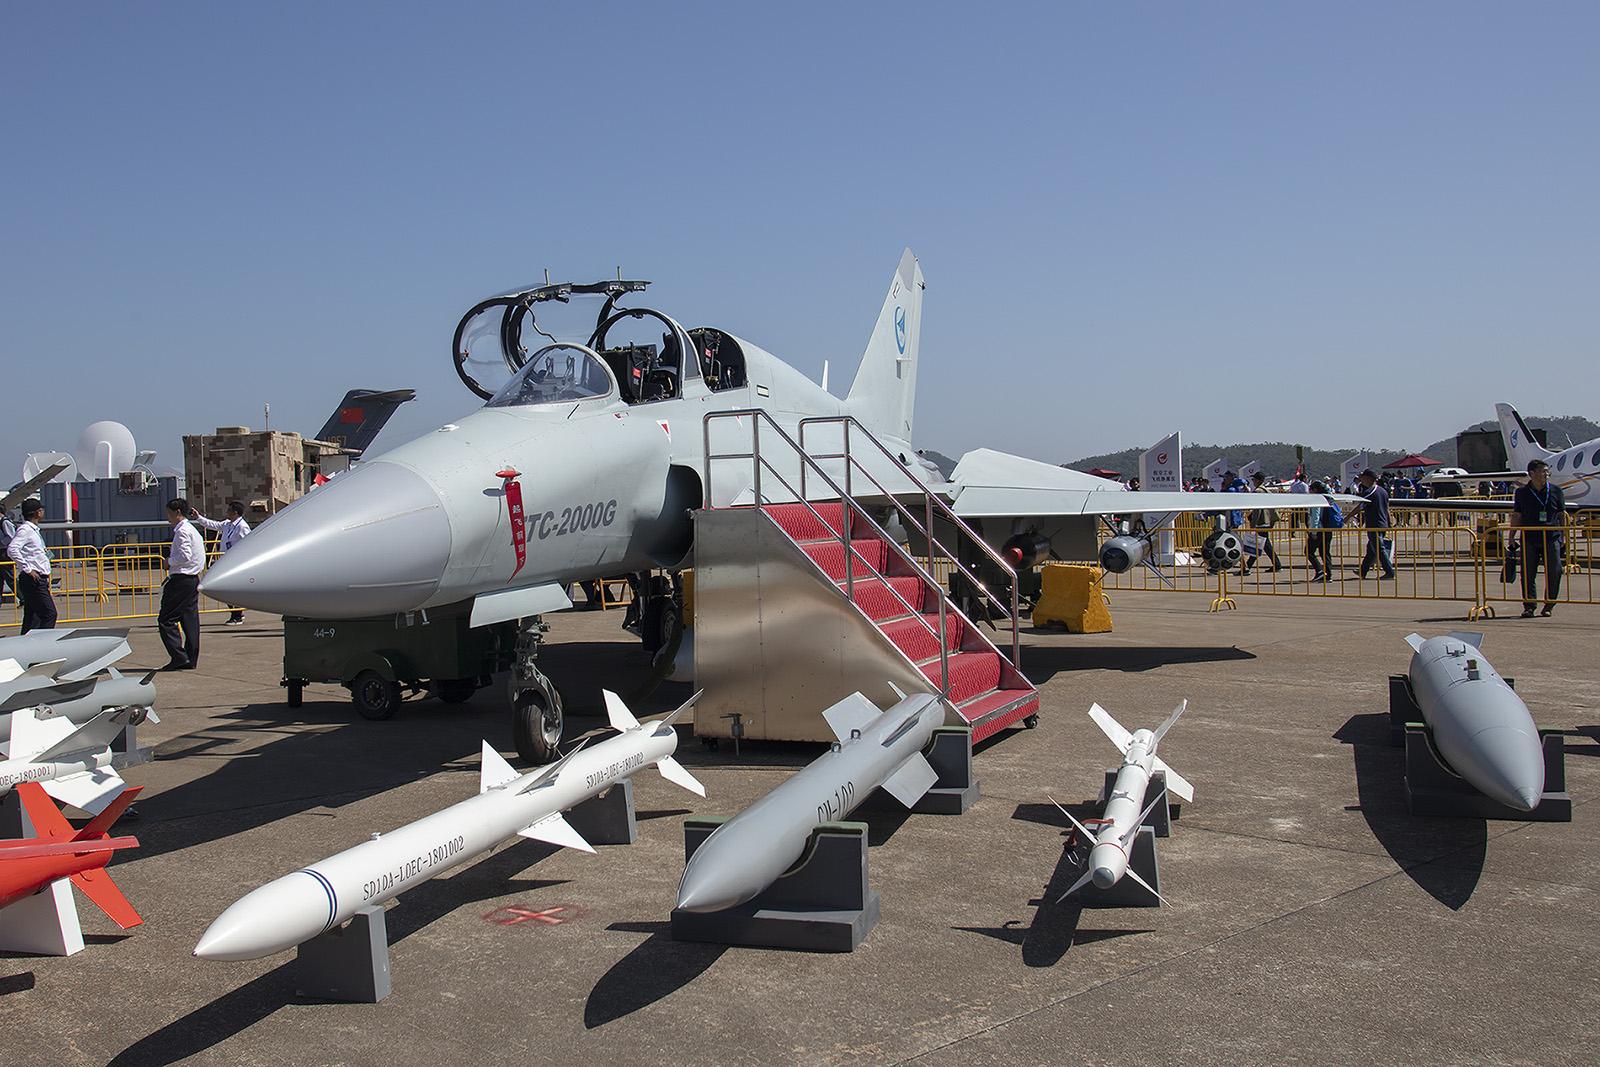 Der FTC-2000G ist die Exportvariante der JL-9. Das doppelsitzige Trainingsflugzeug basiert in weiten Teilen auf der MiG-21.